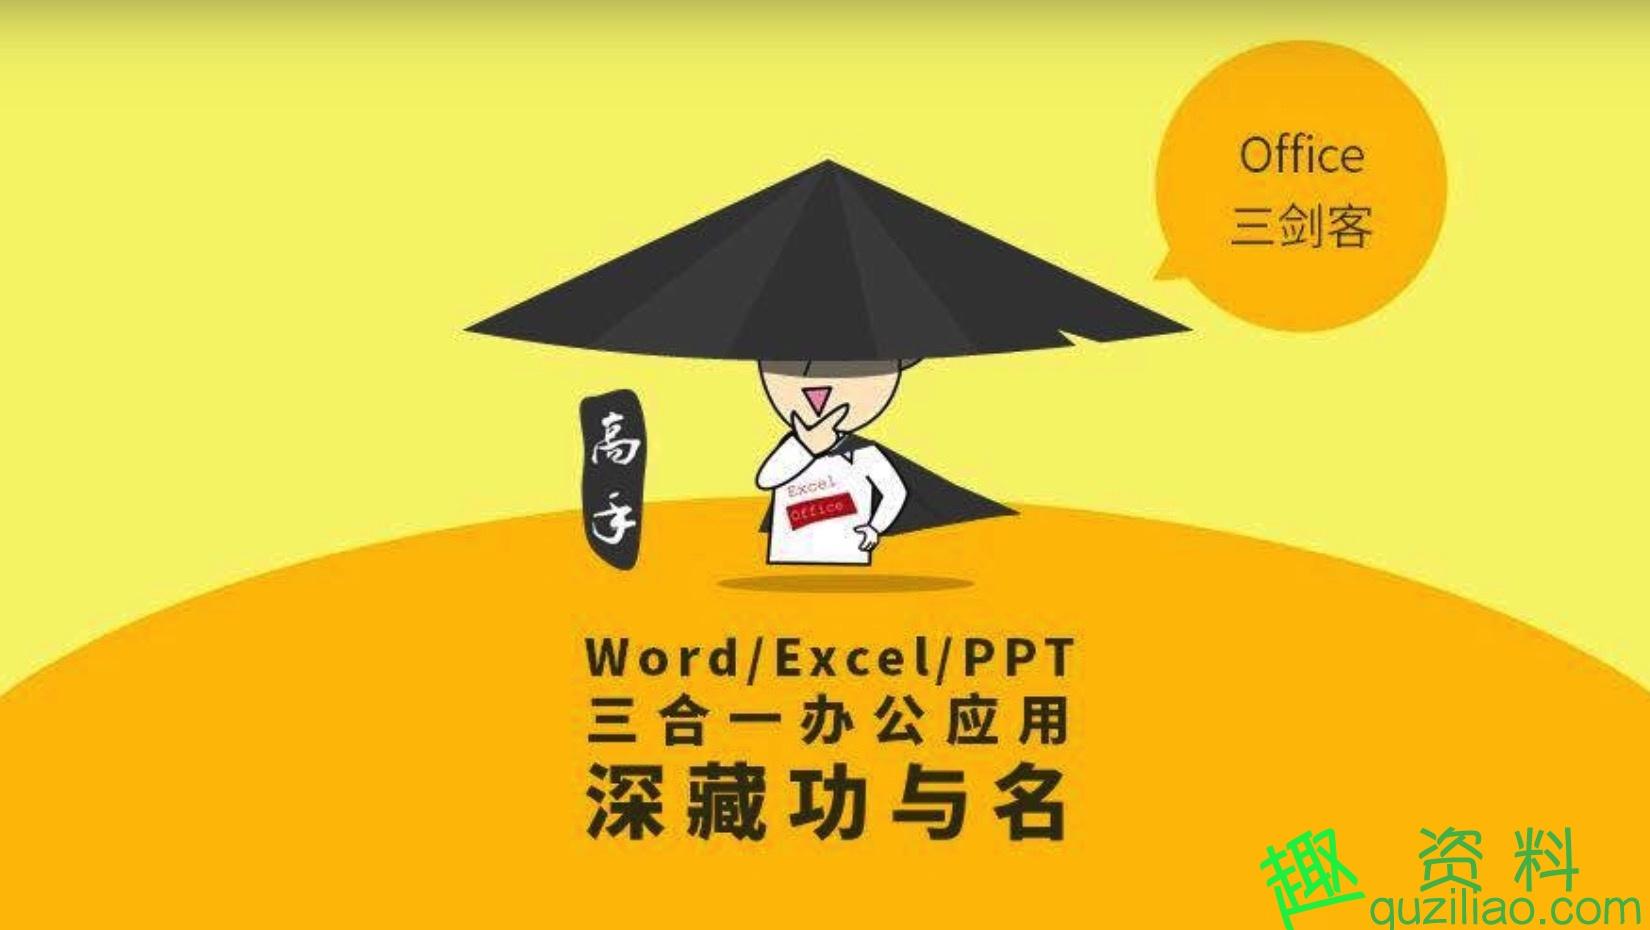 网易云课堂秋叶 PPT EXCEL WORD课堂